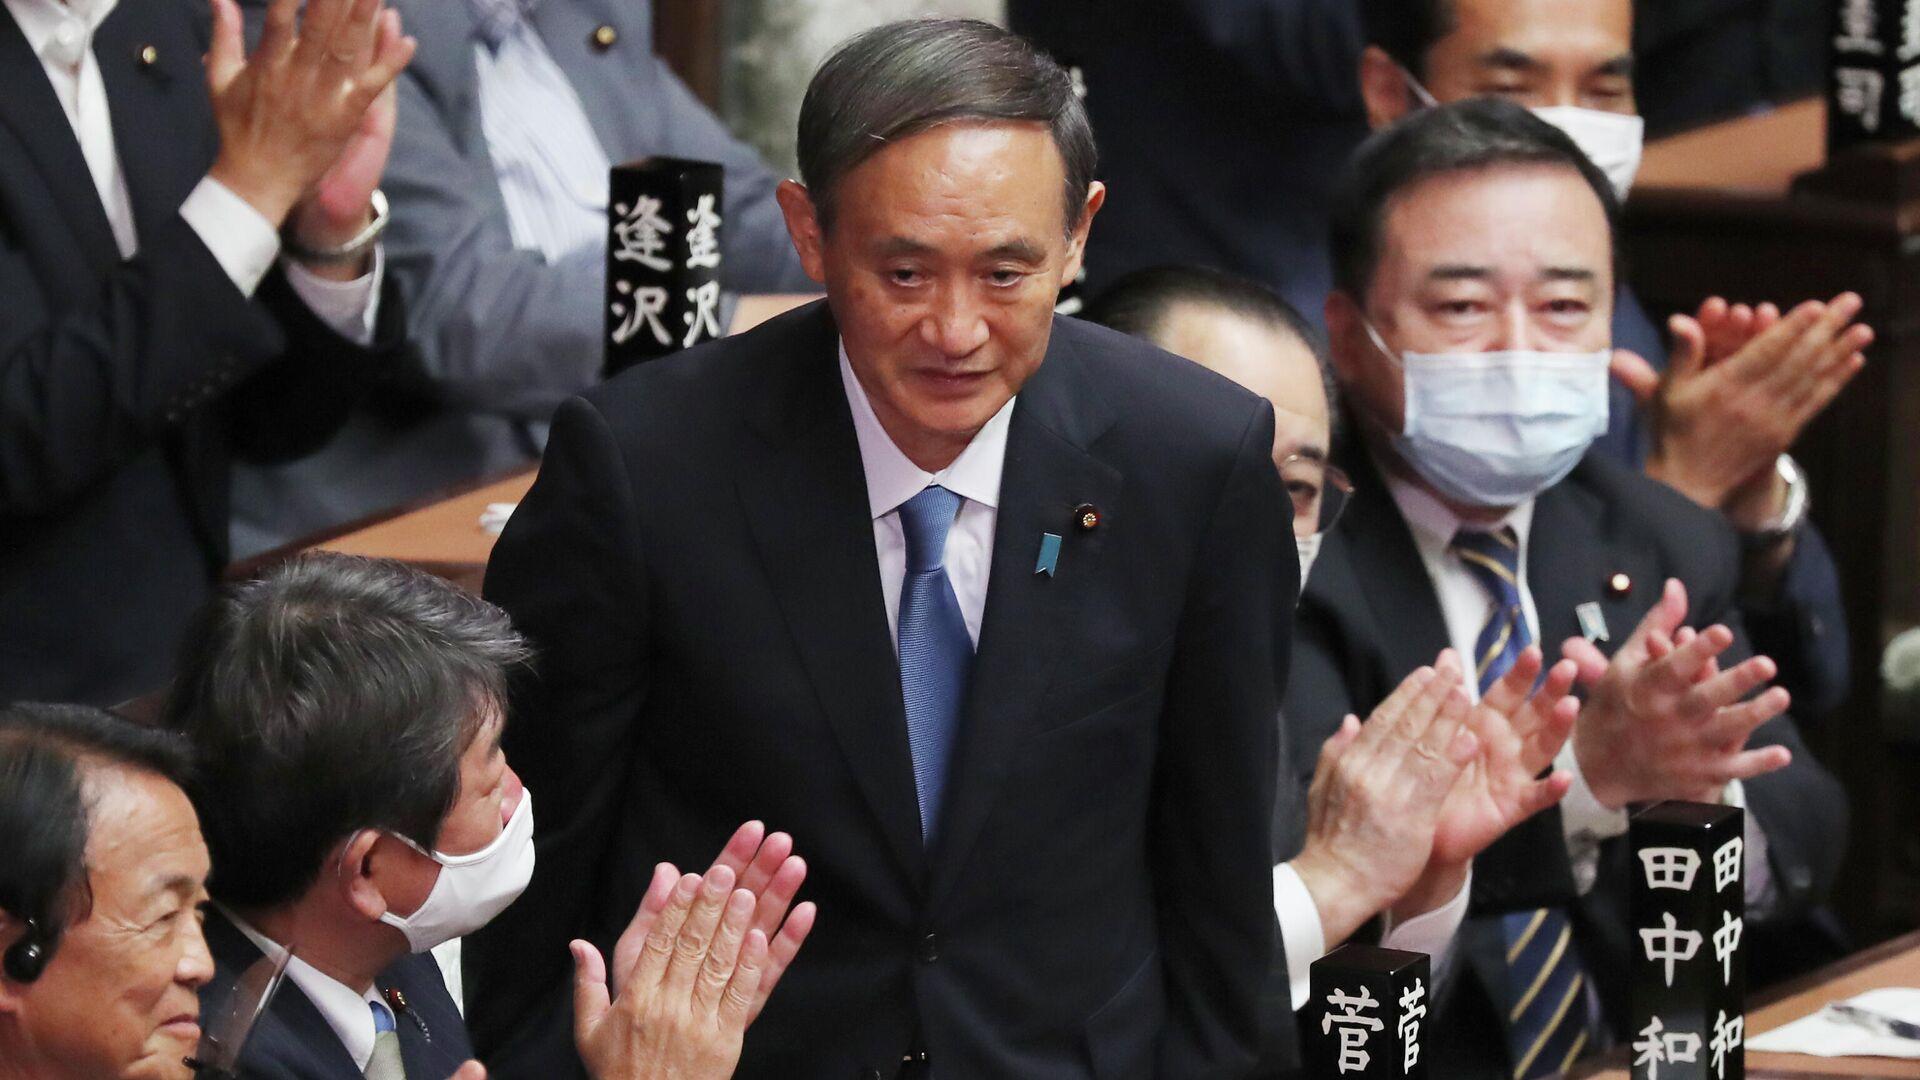 Есихидэ Суга в нижней палате парламента после избрания новым премьер-министром Японии - РИА Новости, 1920, 01.12.2020